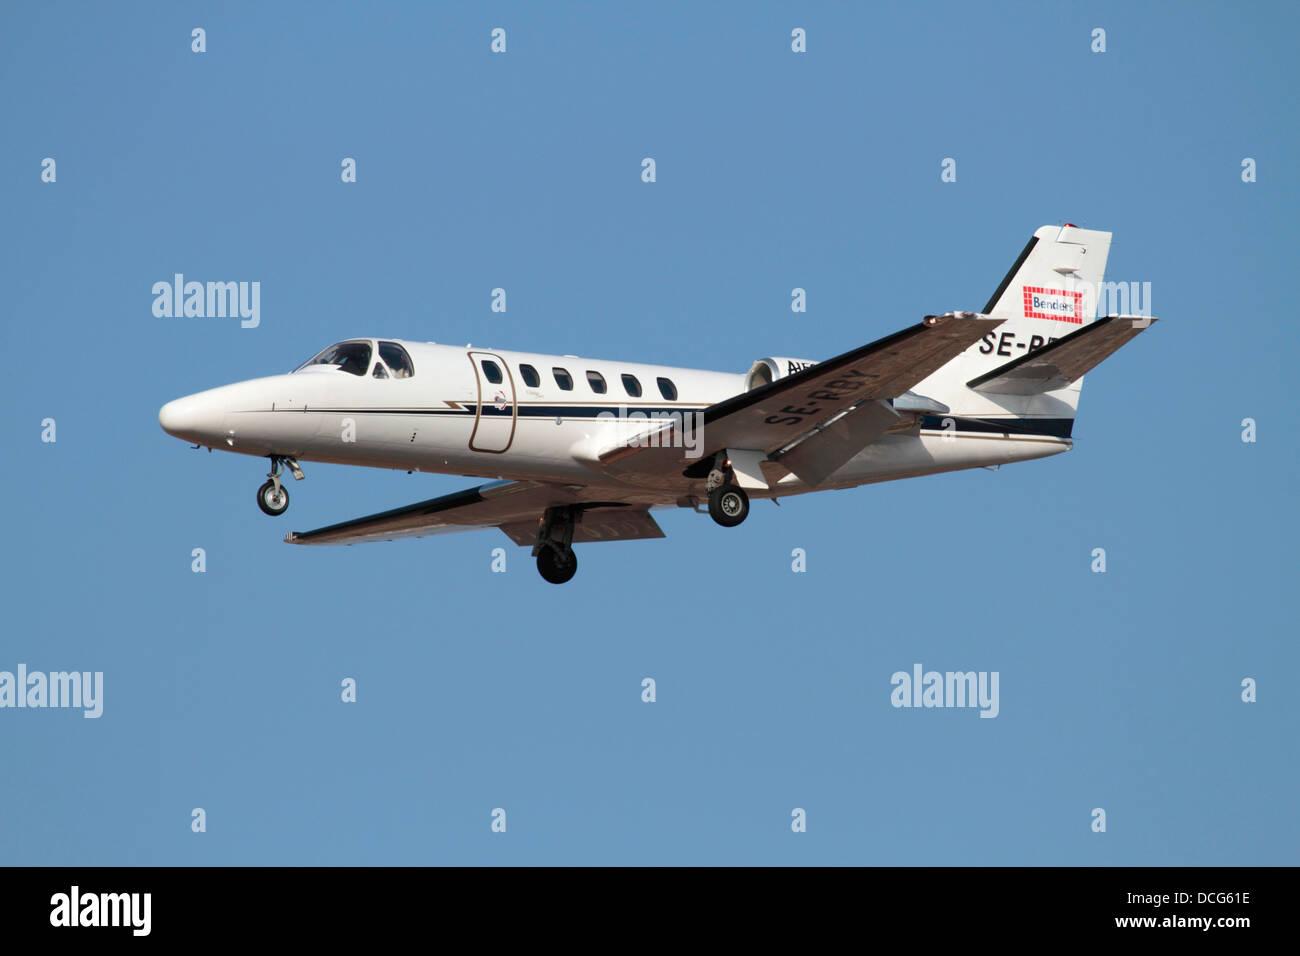 Cessna Citation Bravo business jet on approach - Stock Image